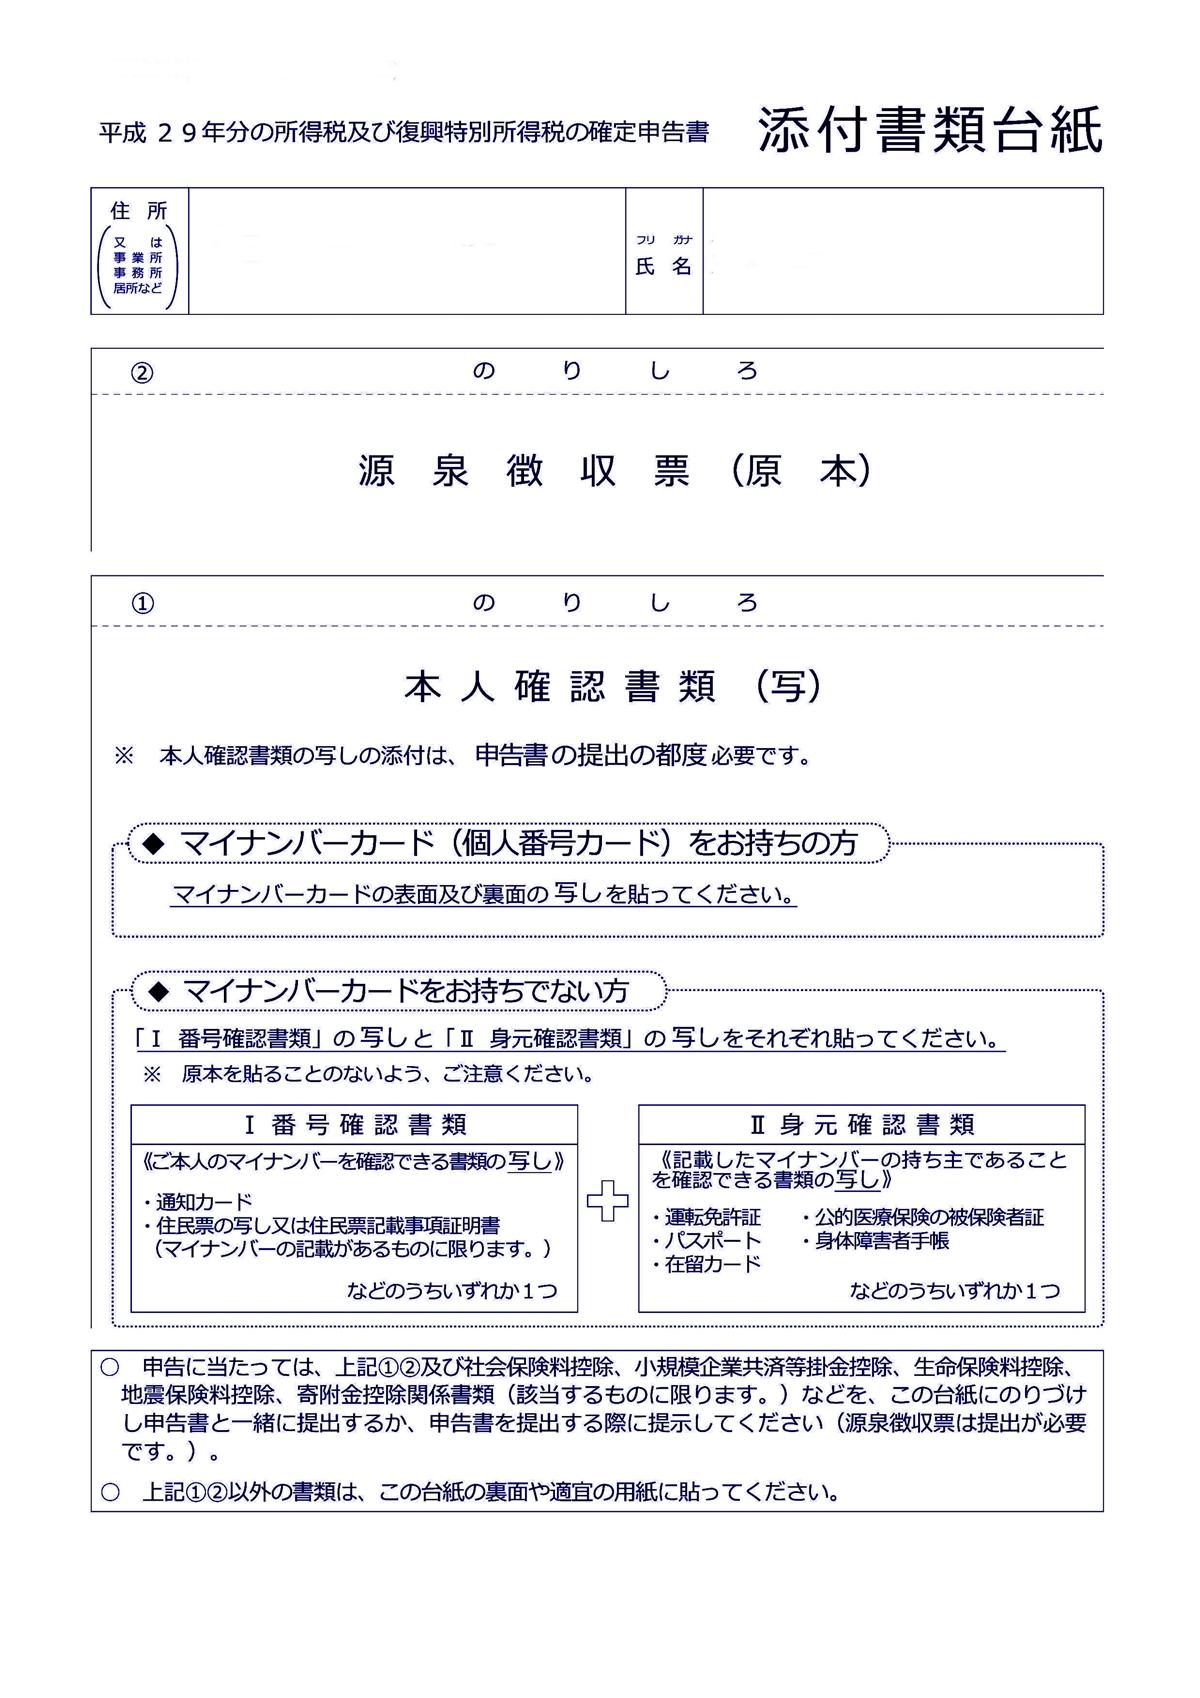 kakutei-shinkoku_daishib.jpg